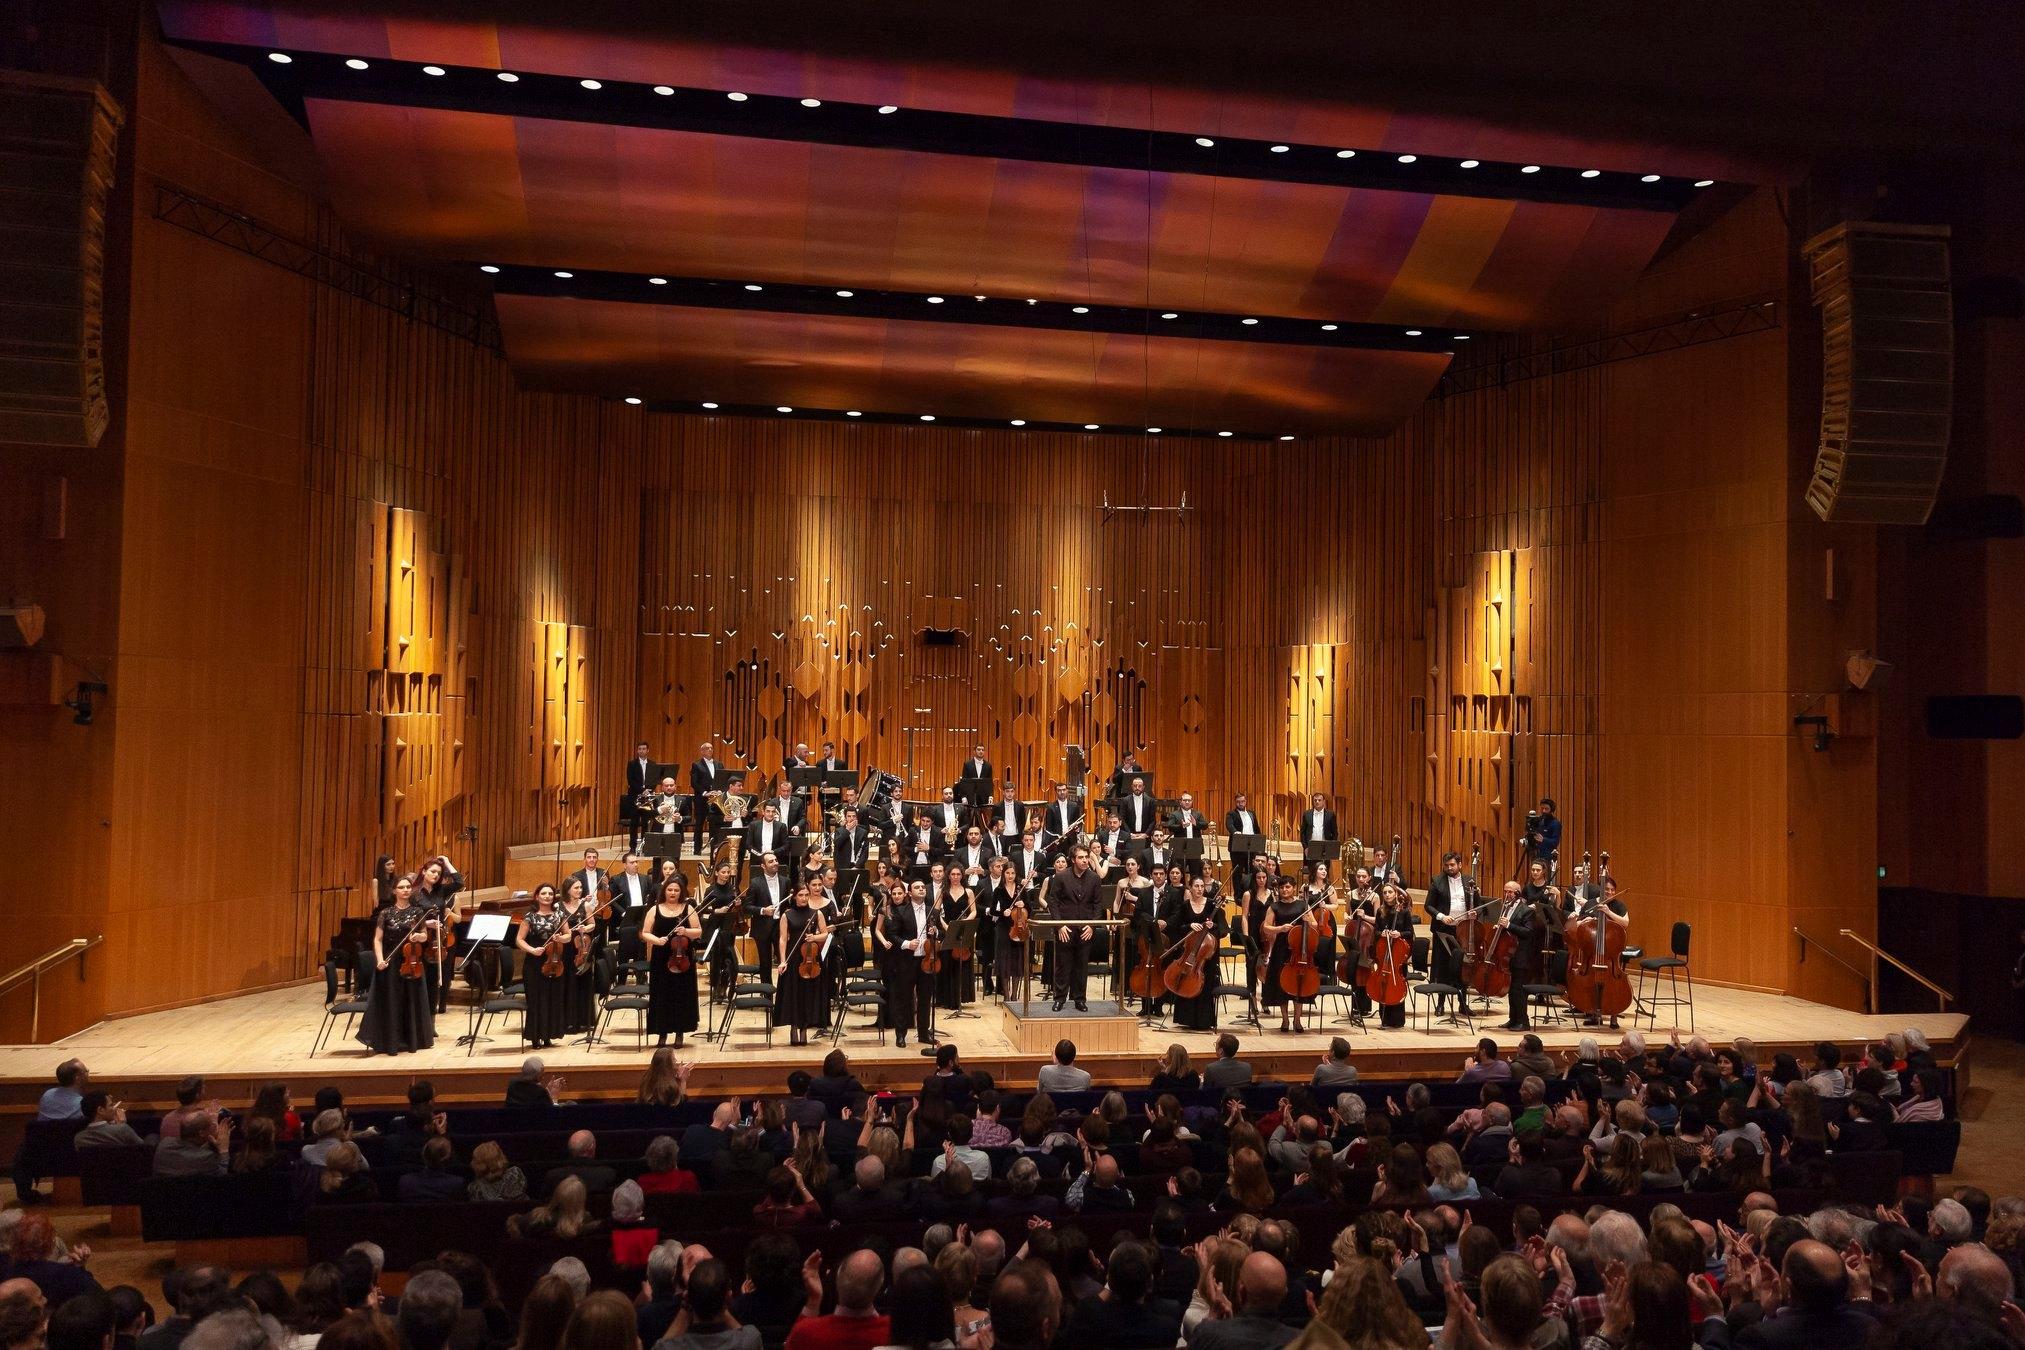 Photo of Սիմֆոնիկ նվագախումբը' ստեղծելով գեղեցիկ ավանդույթներ' աշխարհին է ներկայացնում հայկական երաժշտարվեստը